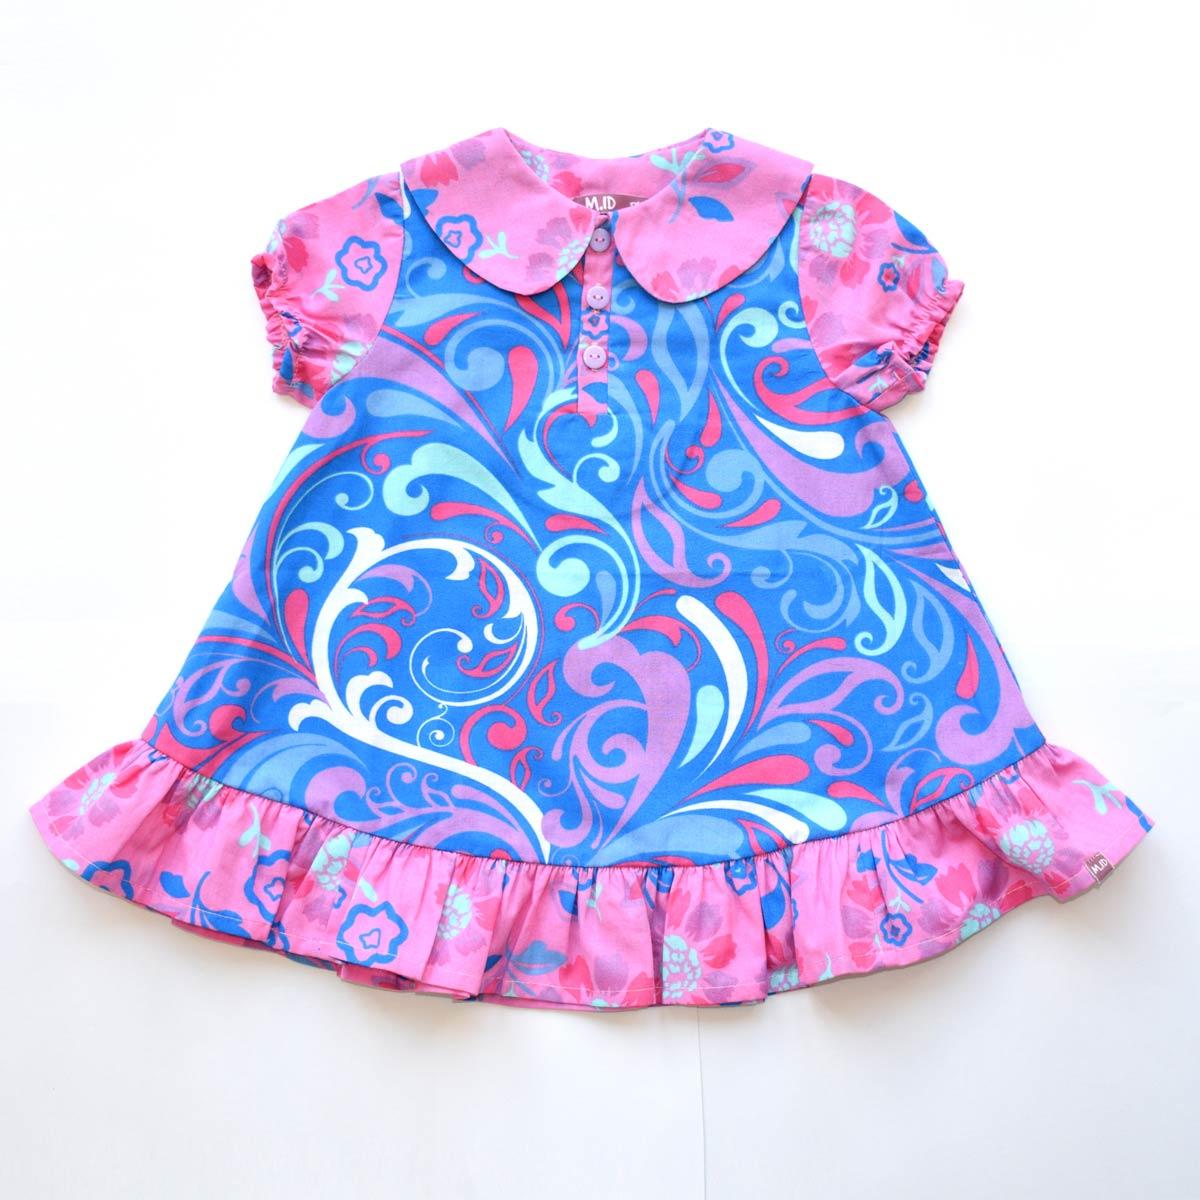 e938c6c1c6de6c Nomi  Baby Jurkje Blauw-Roze Maat 80 - Vanilla and Brass